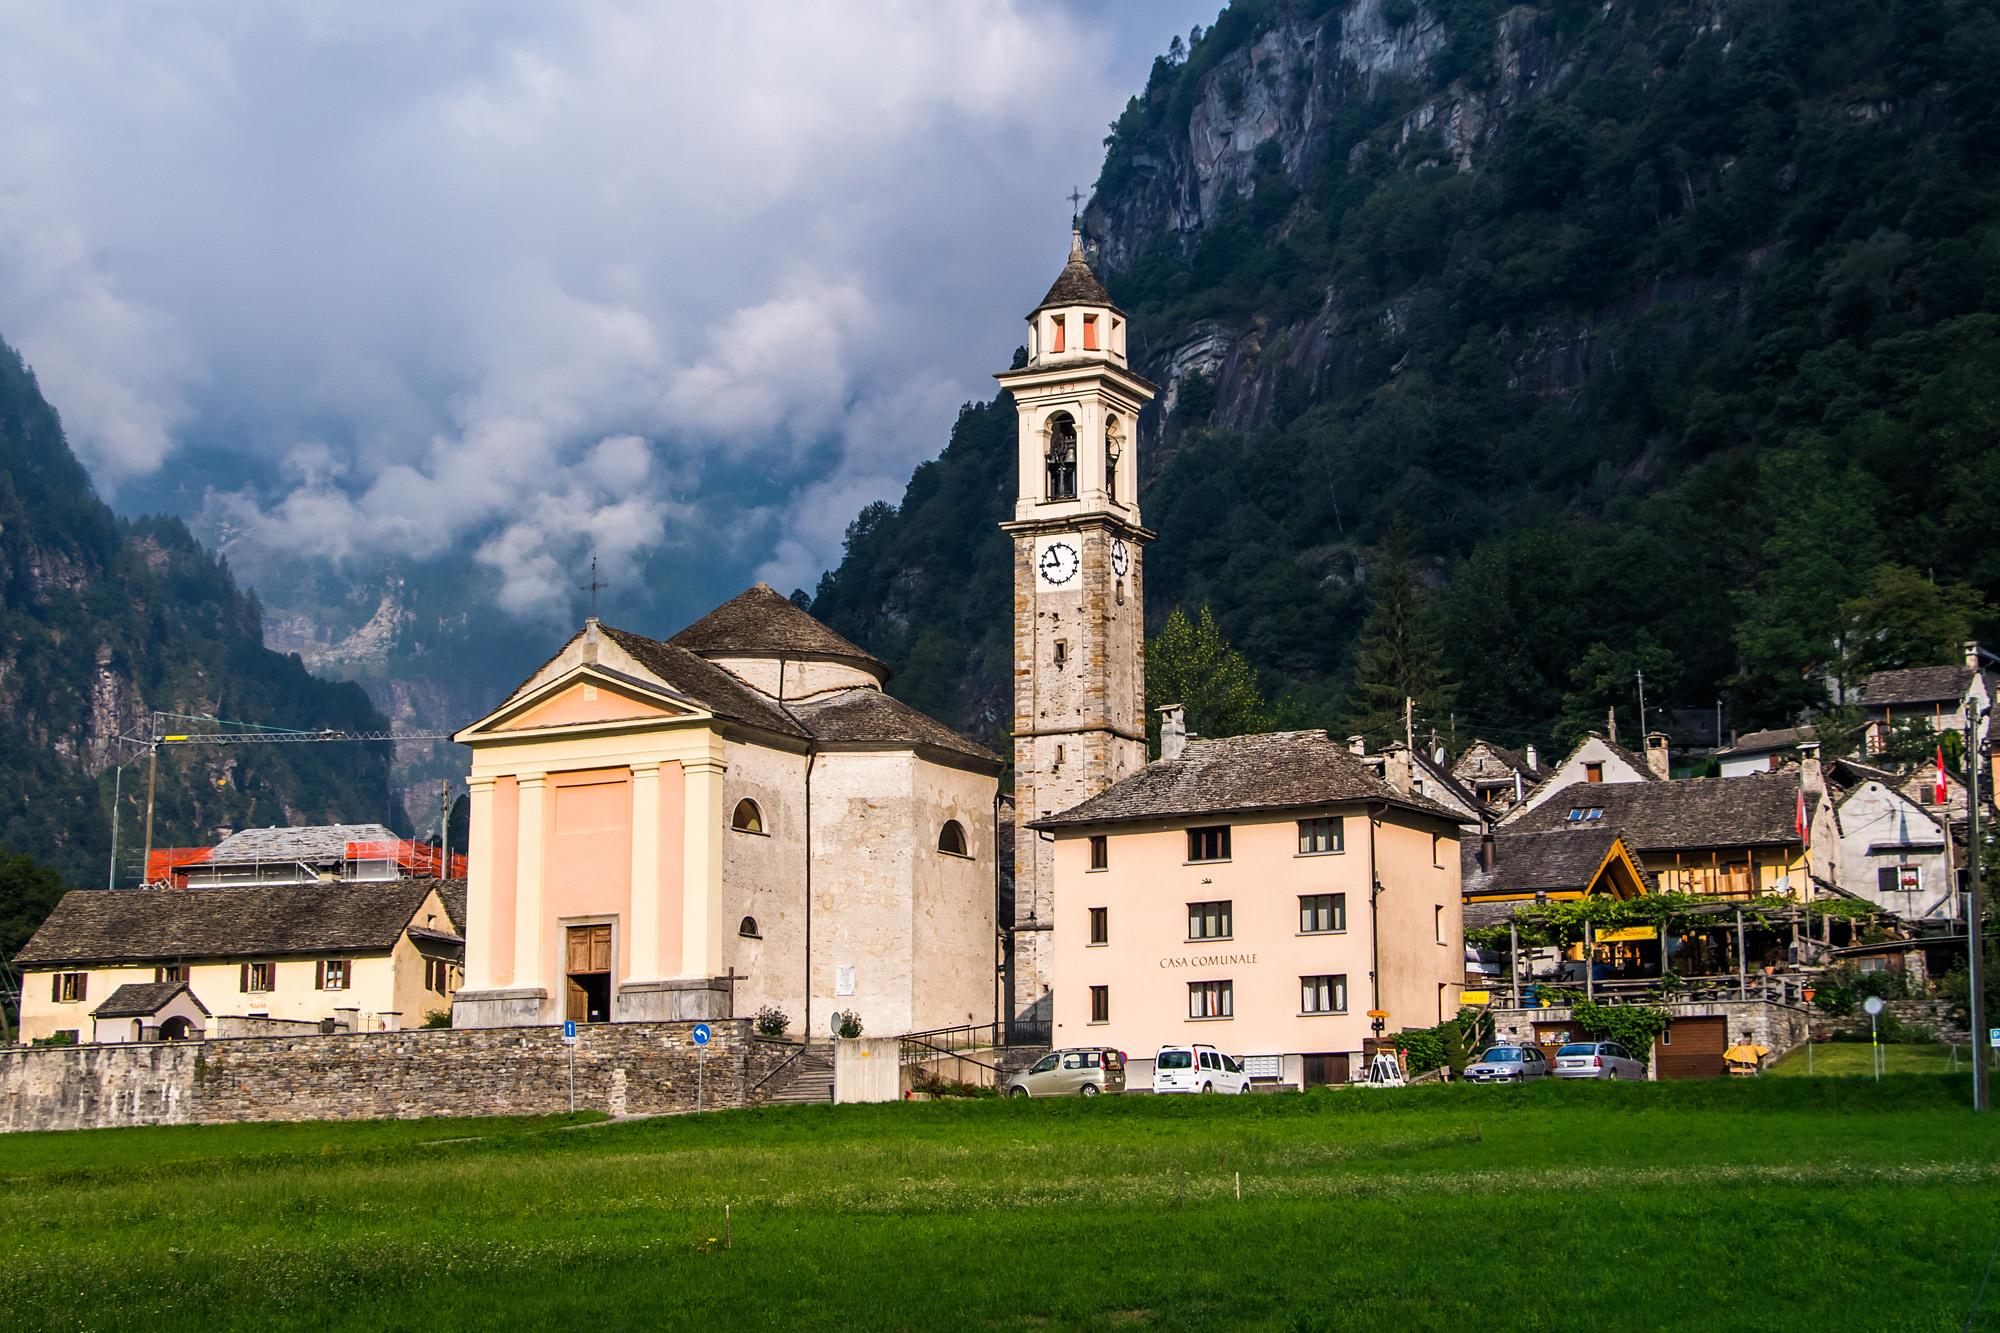 Im prächtigen Morgenlicht thront die Kirche Santa Maria Lauretana vor der Bergkulisse